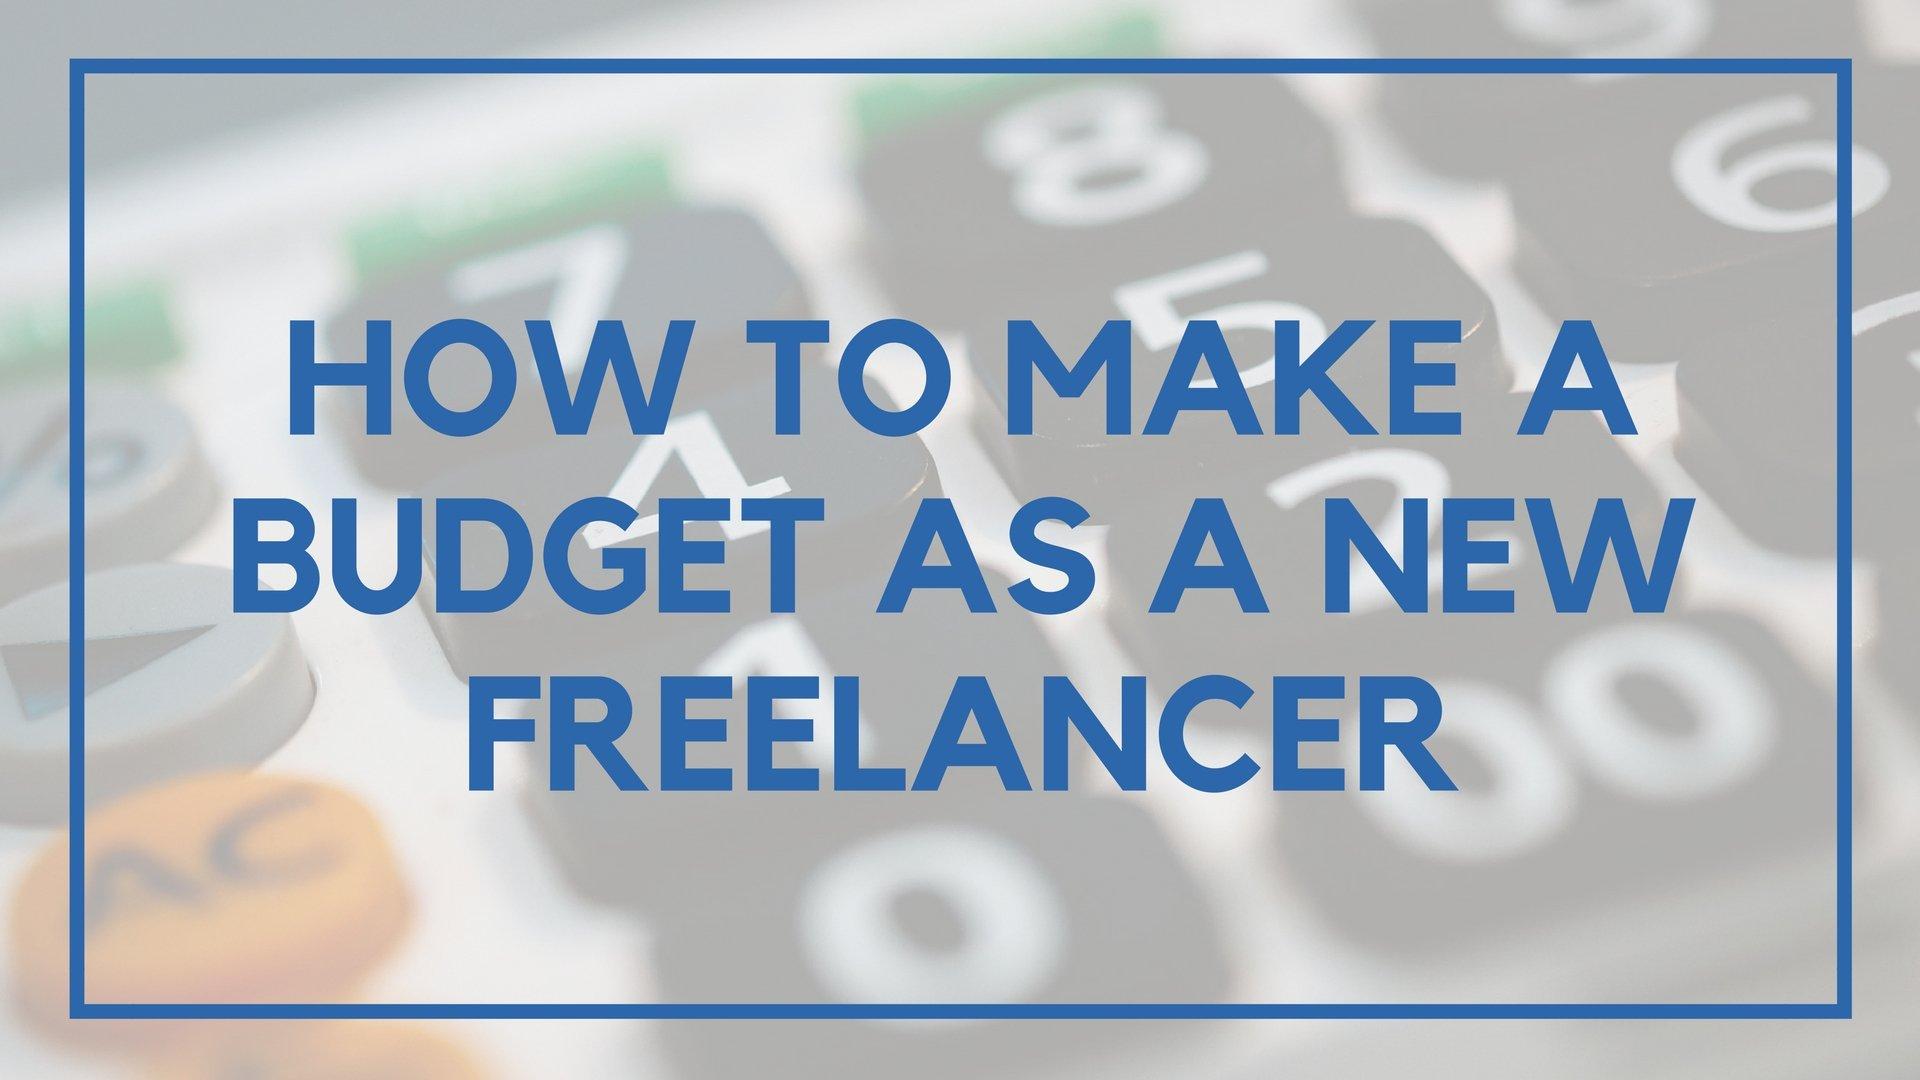 How to Make a Budget as a New Freelancer